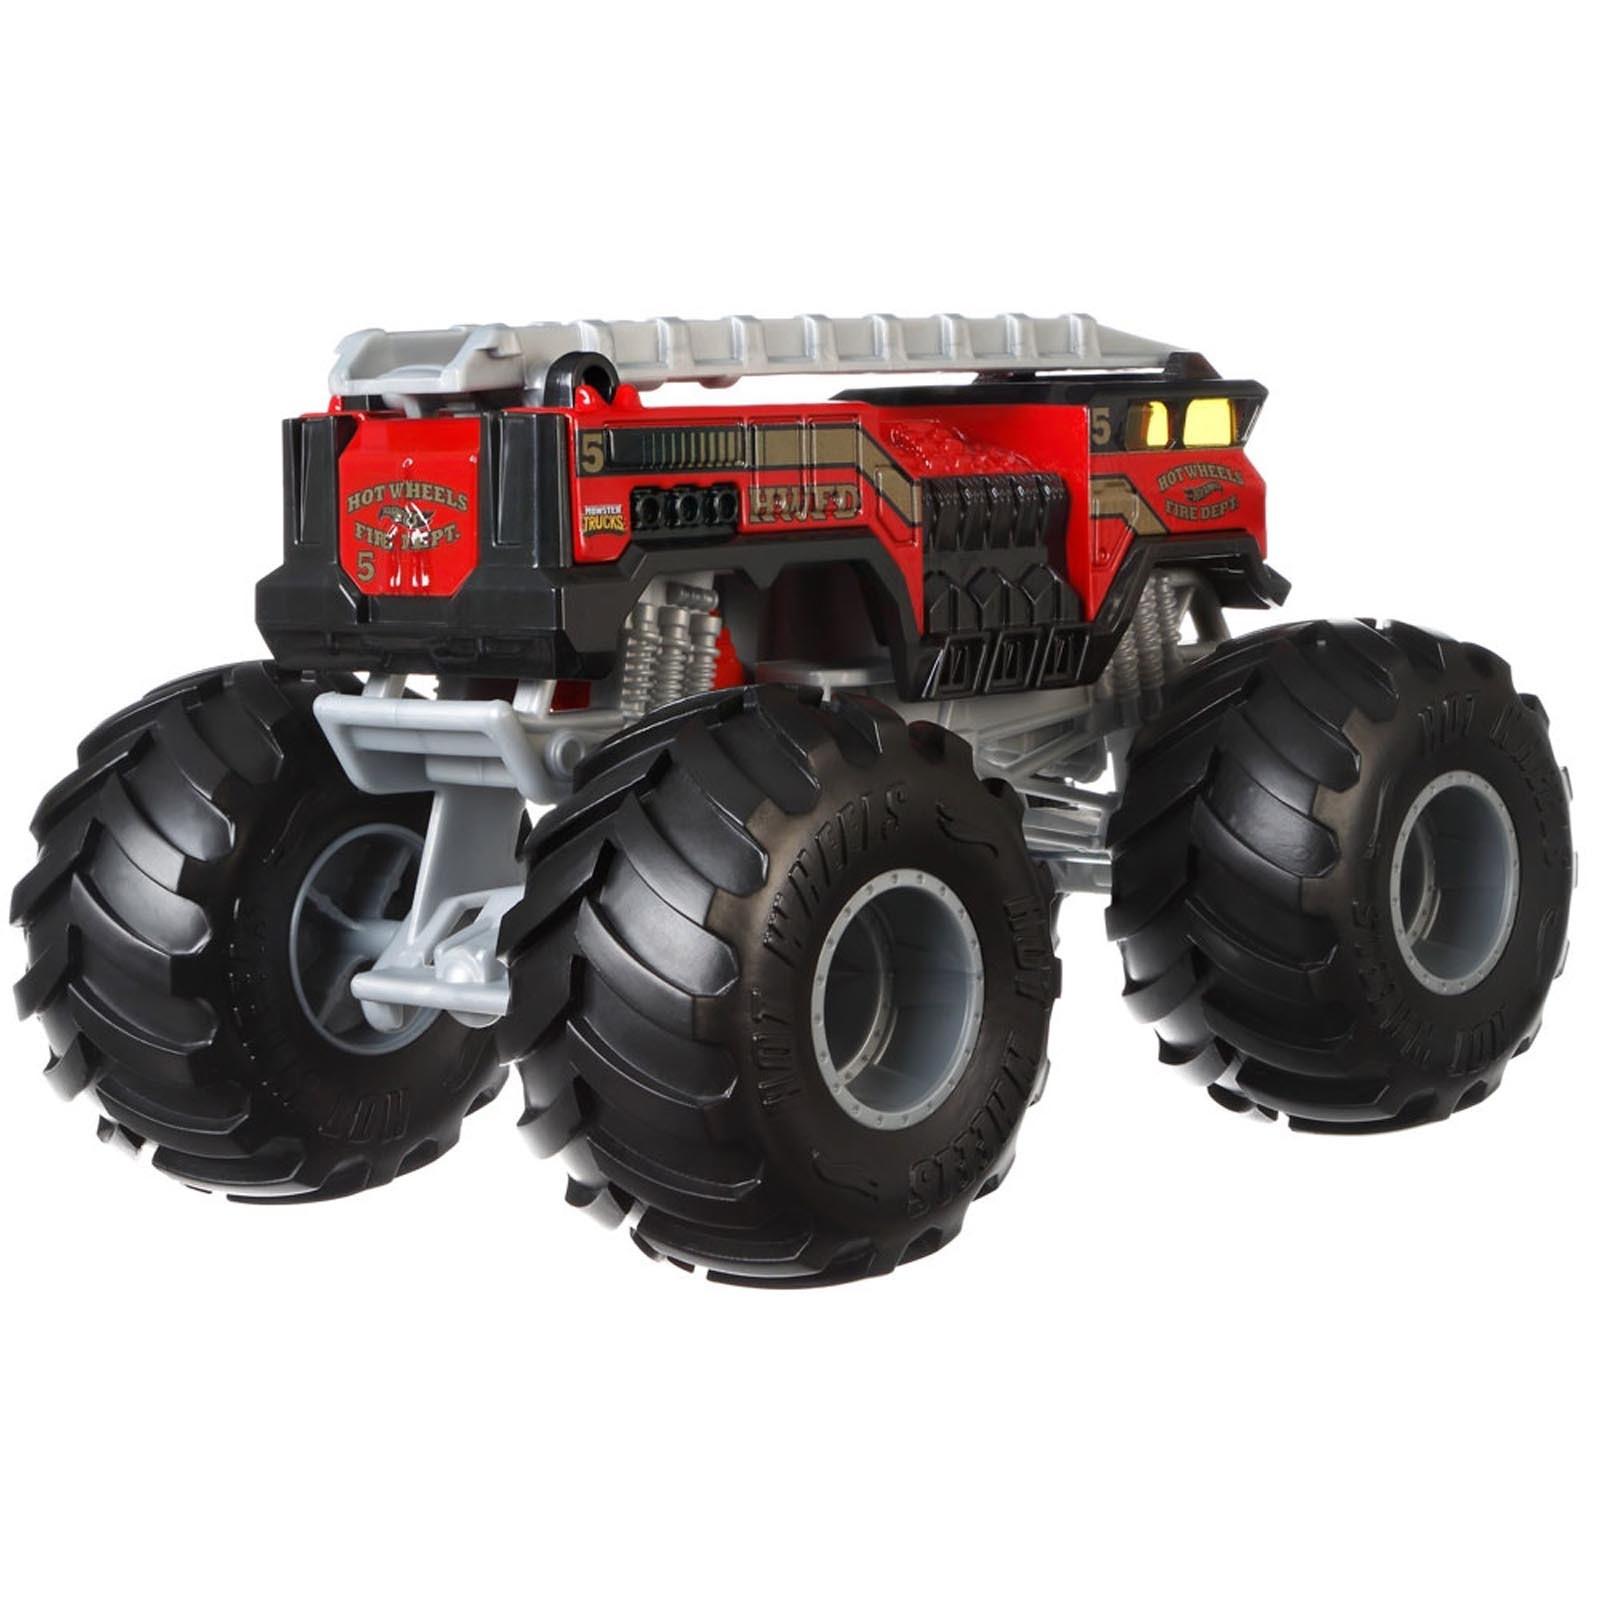 Hot Wheels - 1:24 - 5 Alarm - Monster Trucks - GBV34